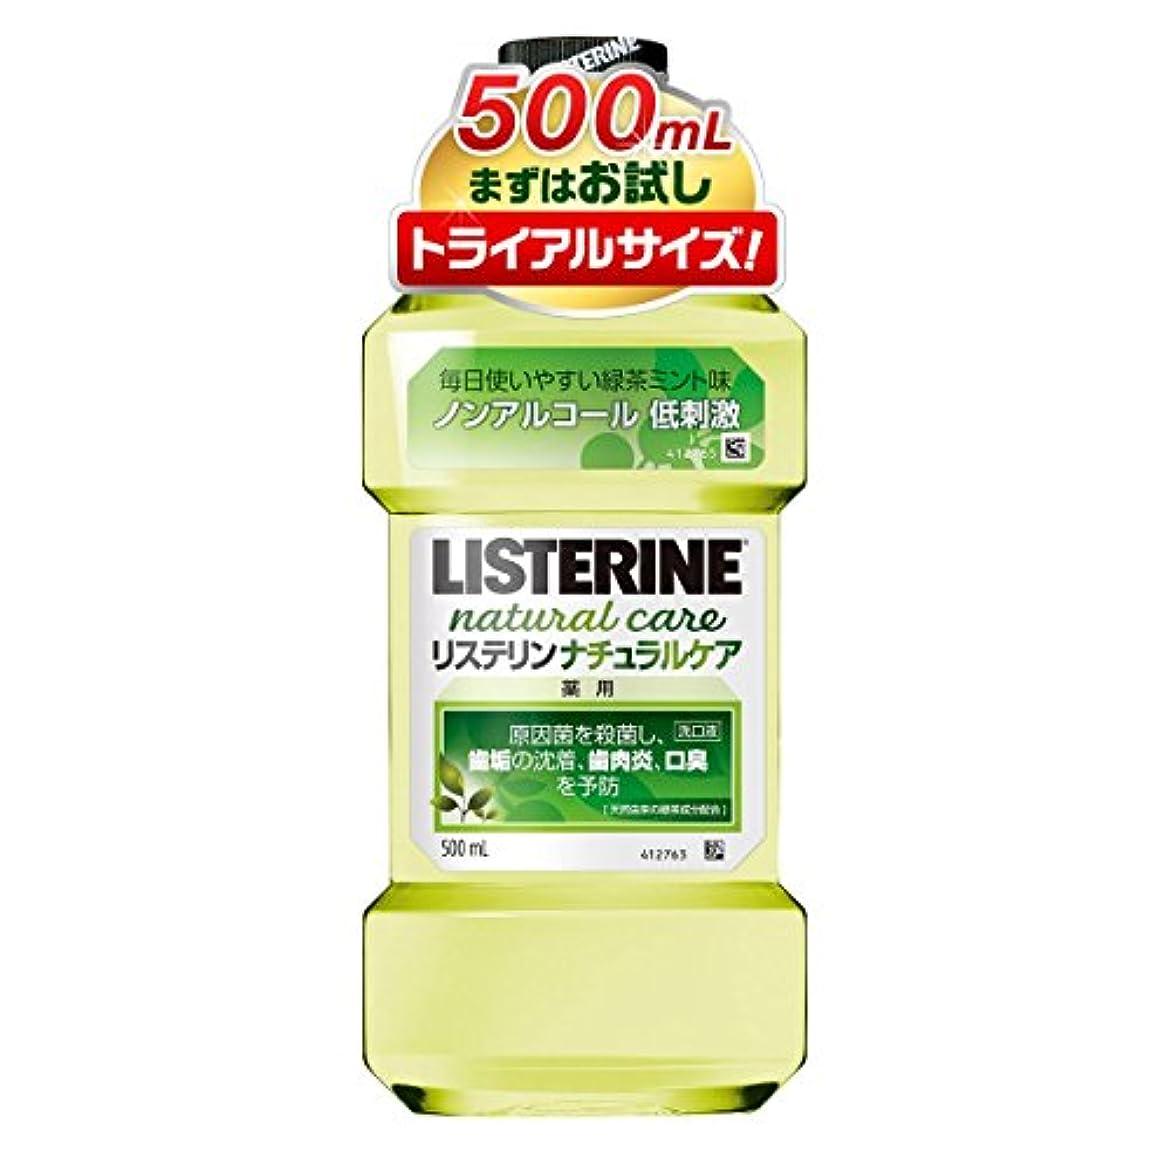 炎上グローバル焦がす[医薬部外品] 薬用 リステリン マウスウォッシュ ナチュラルケア 500mL ノンアルコールタイプ